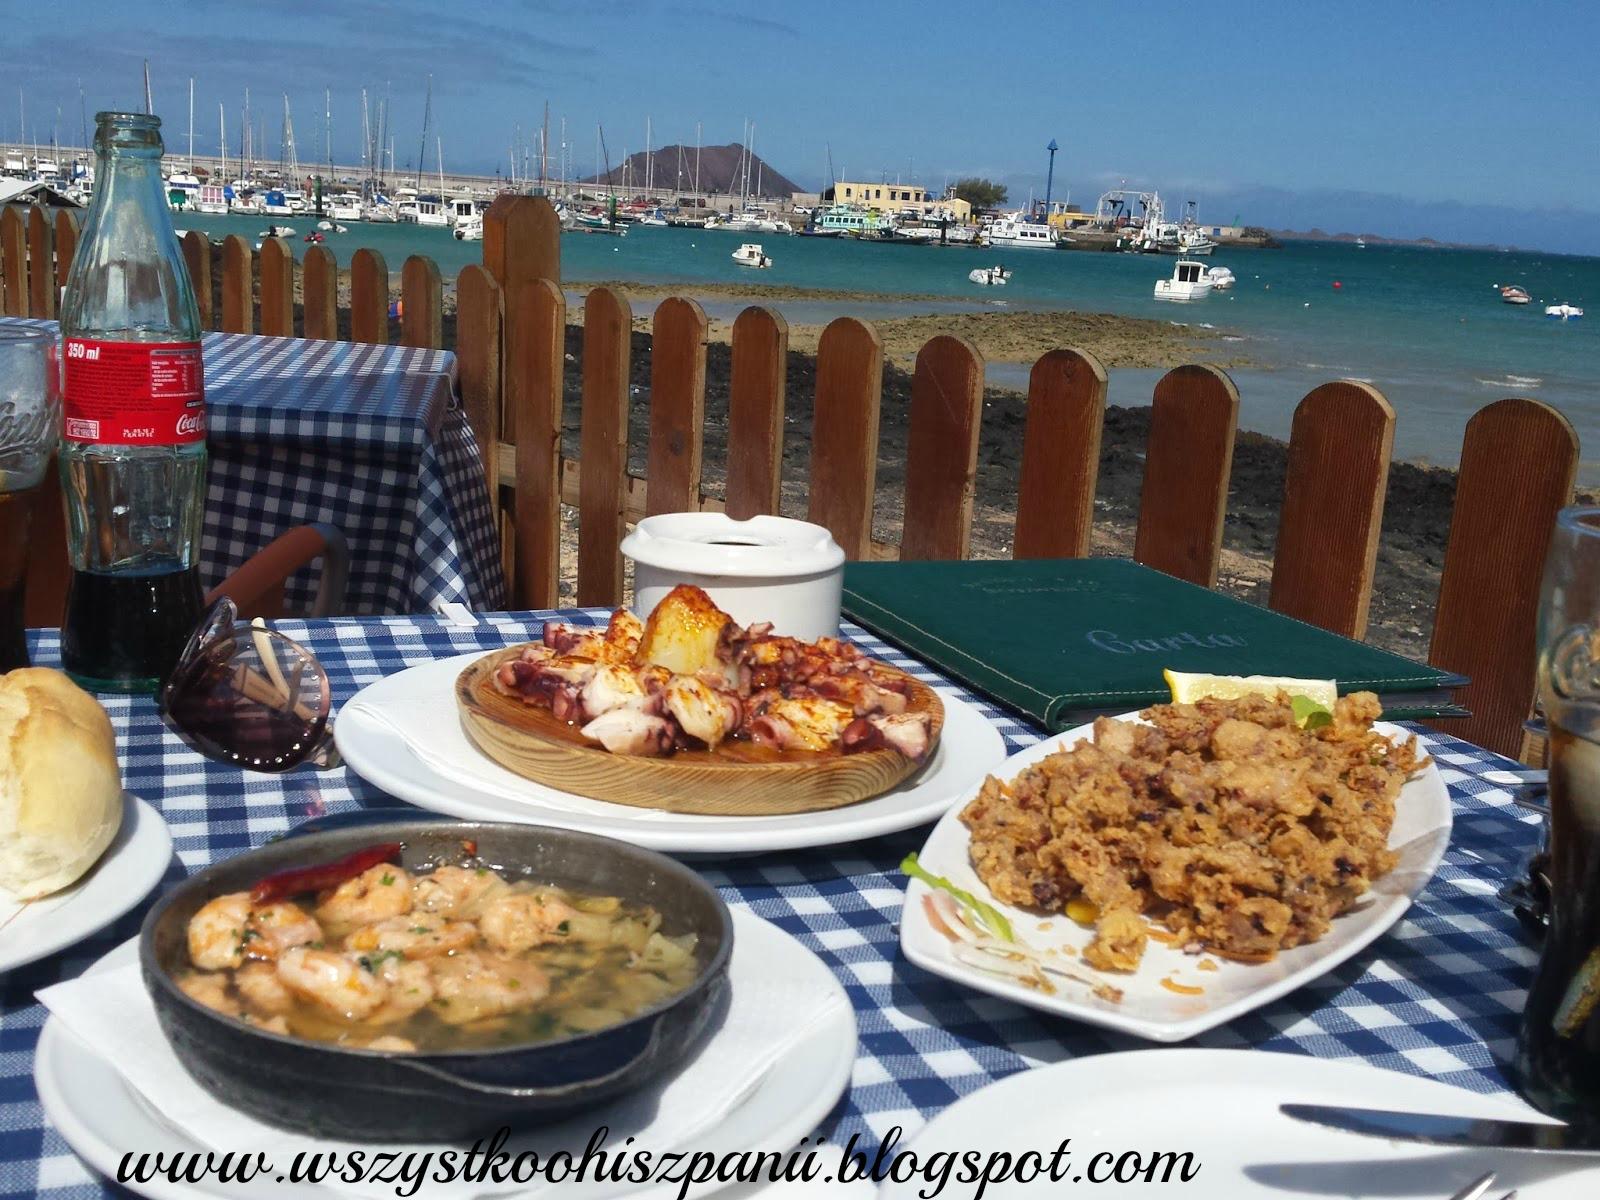 Blogi o kuchni hiszpańskiej po polsku hiszpańska kuchnia hiszpańskie przepisy